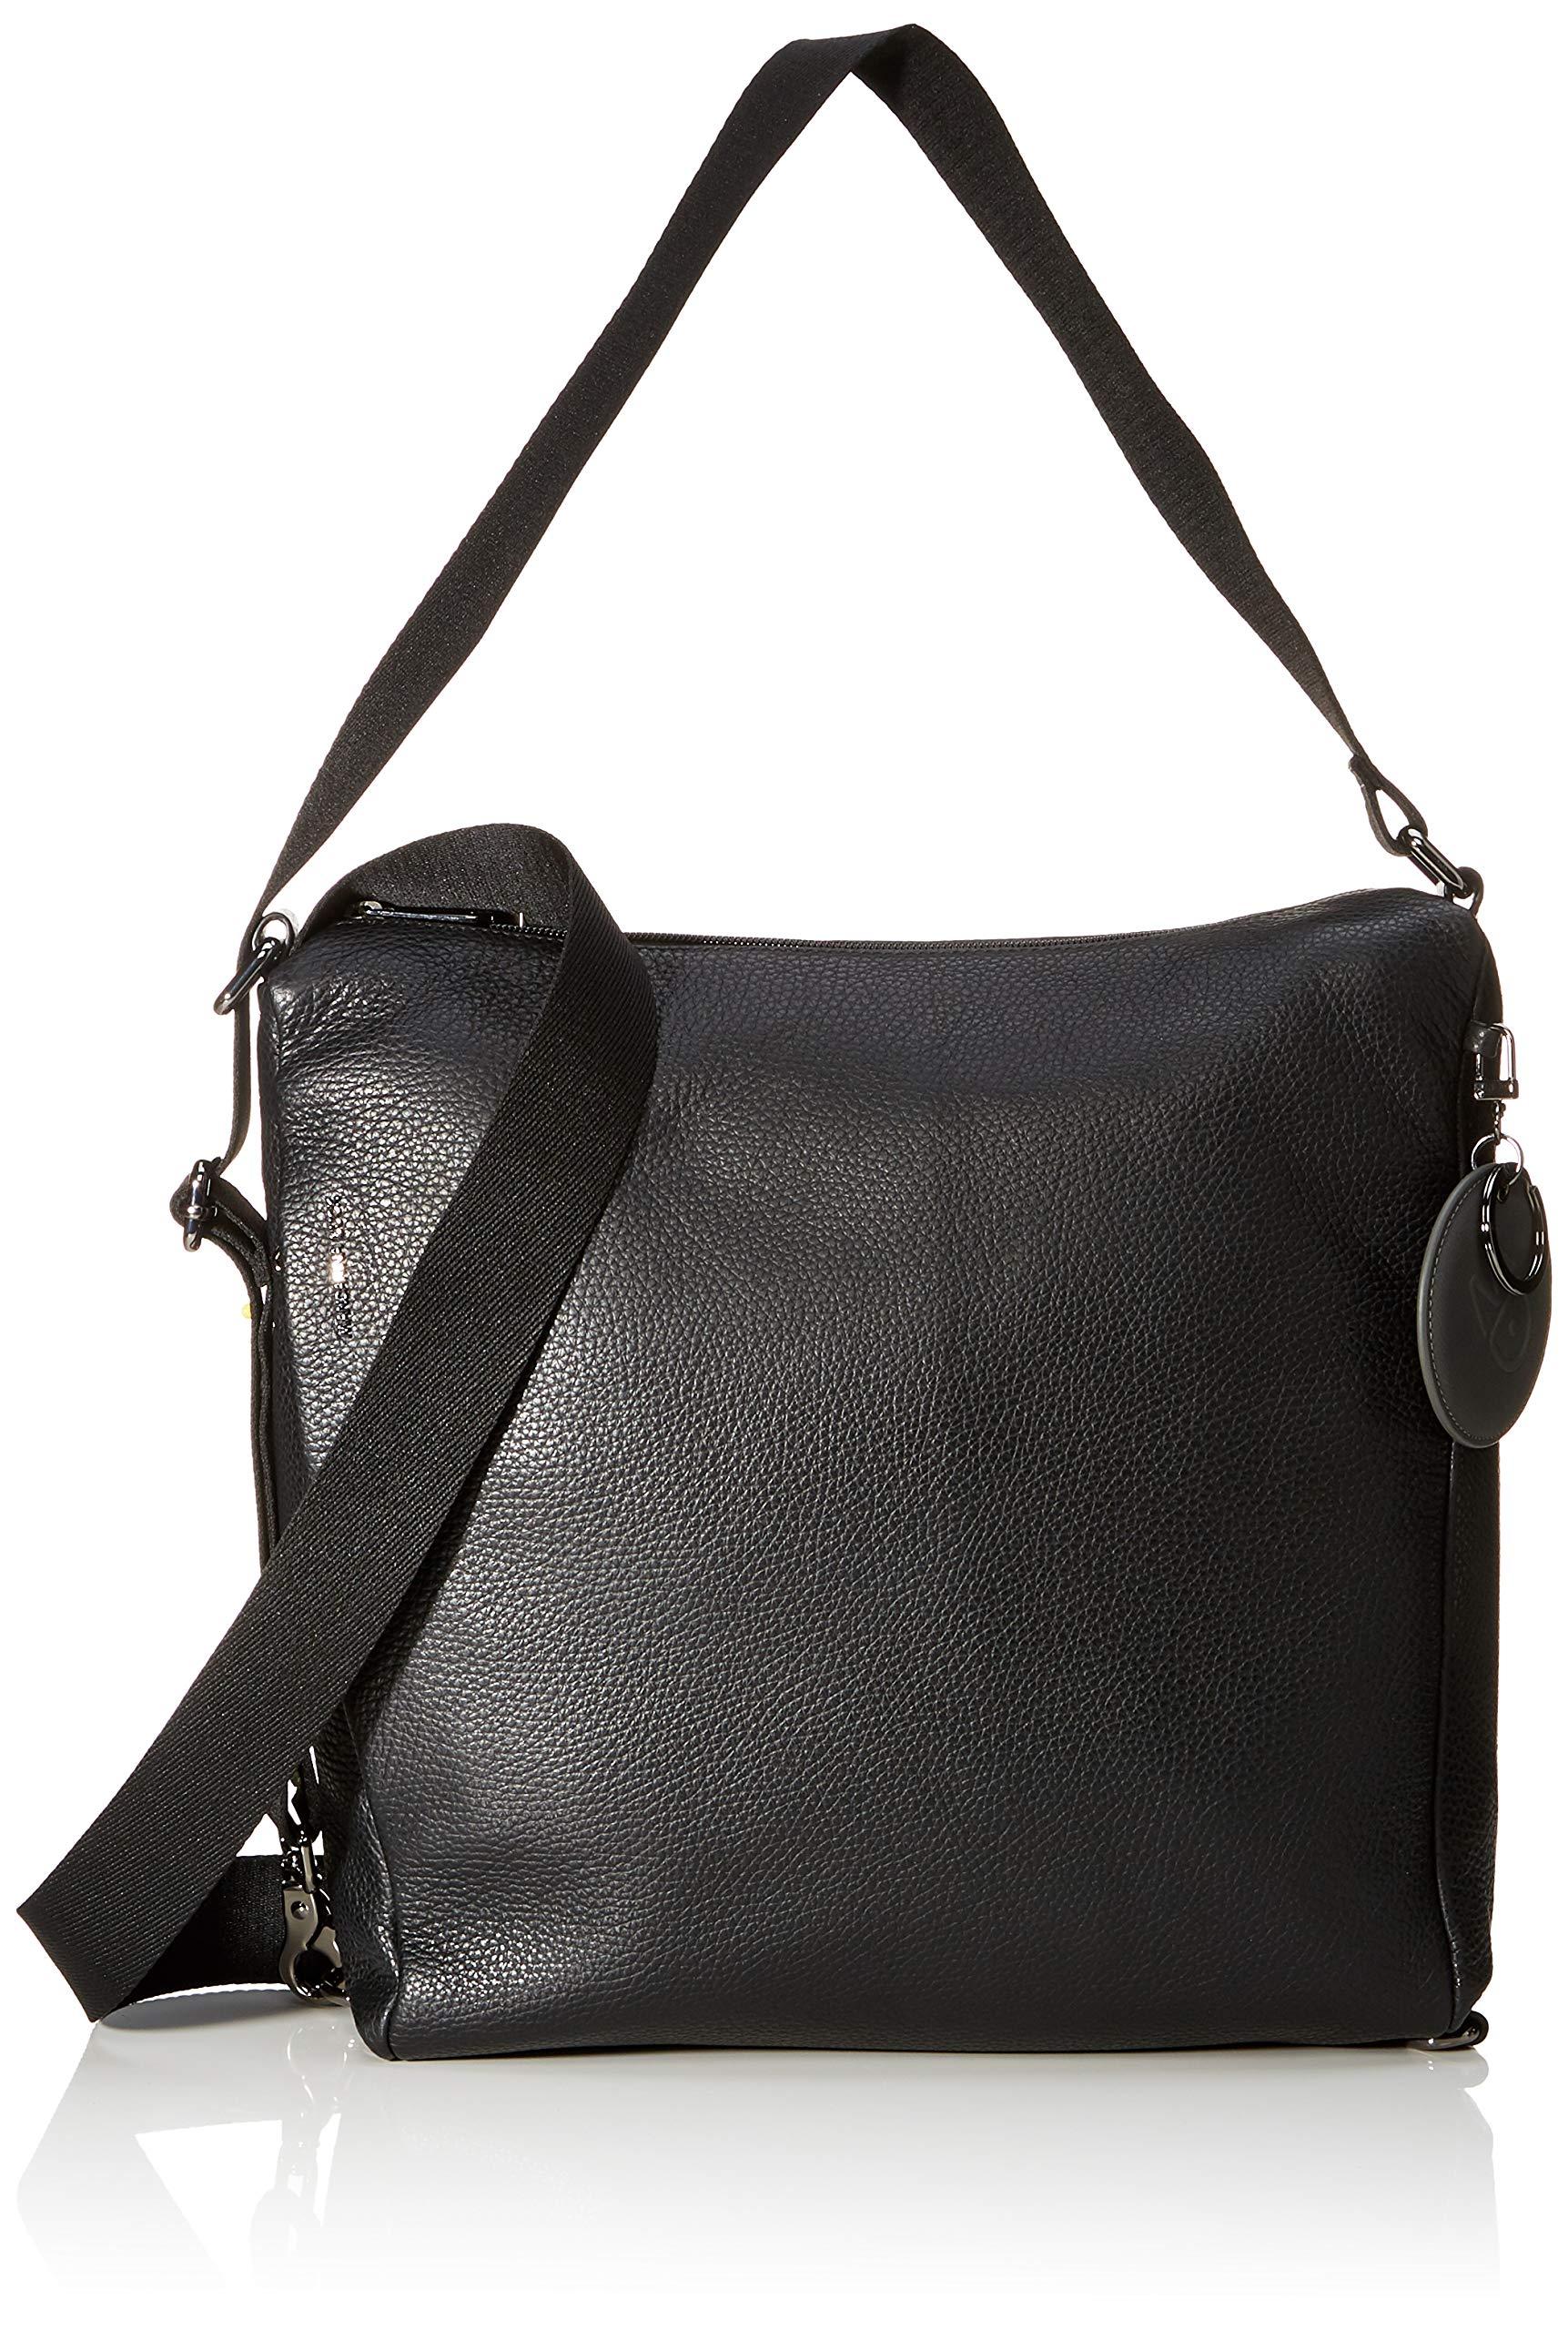 Mandarina Duck Handtaschen Taschen FZT72 nero Schwarz tU5U2